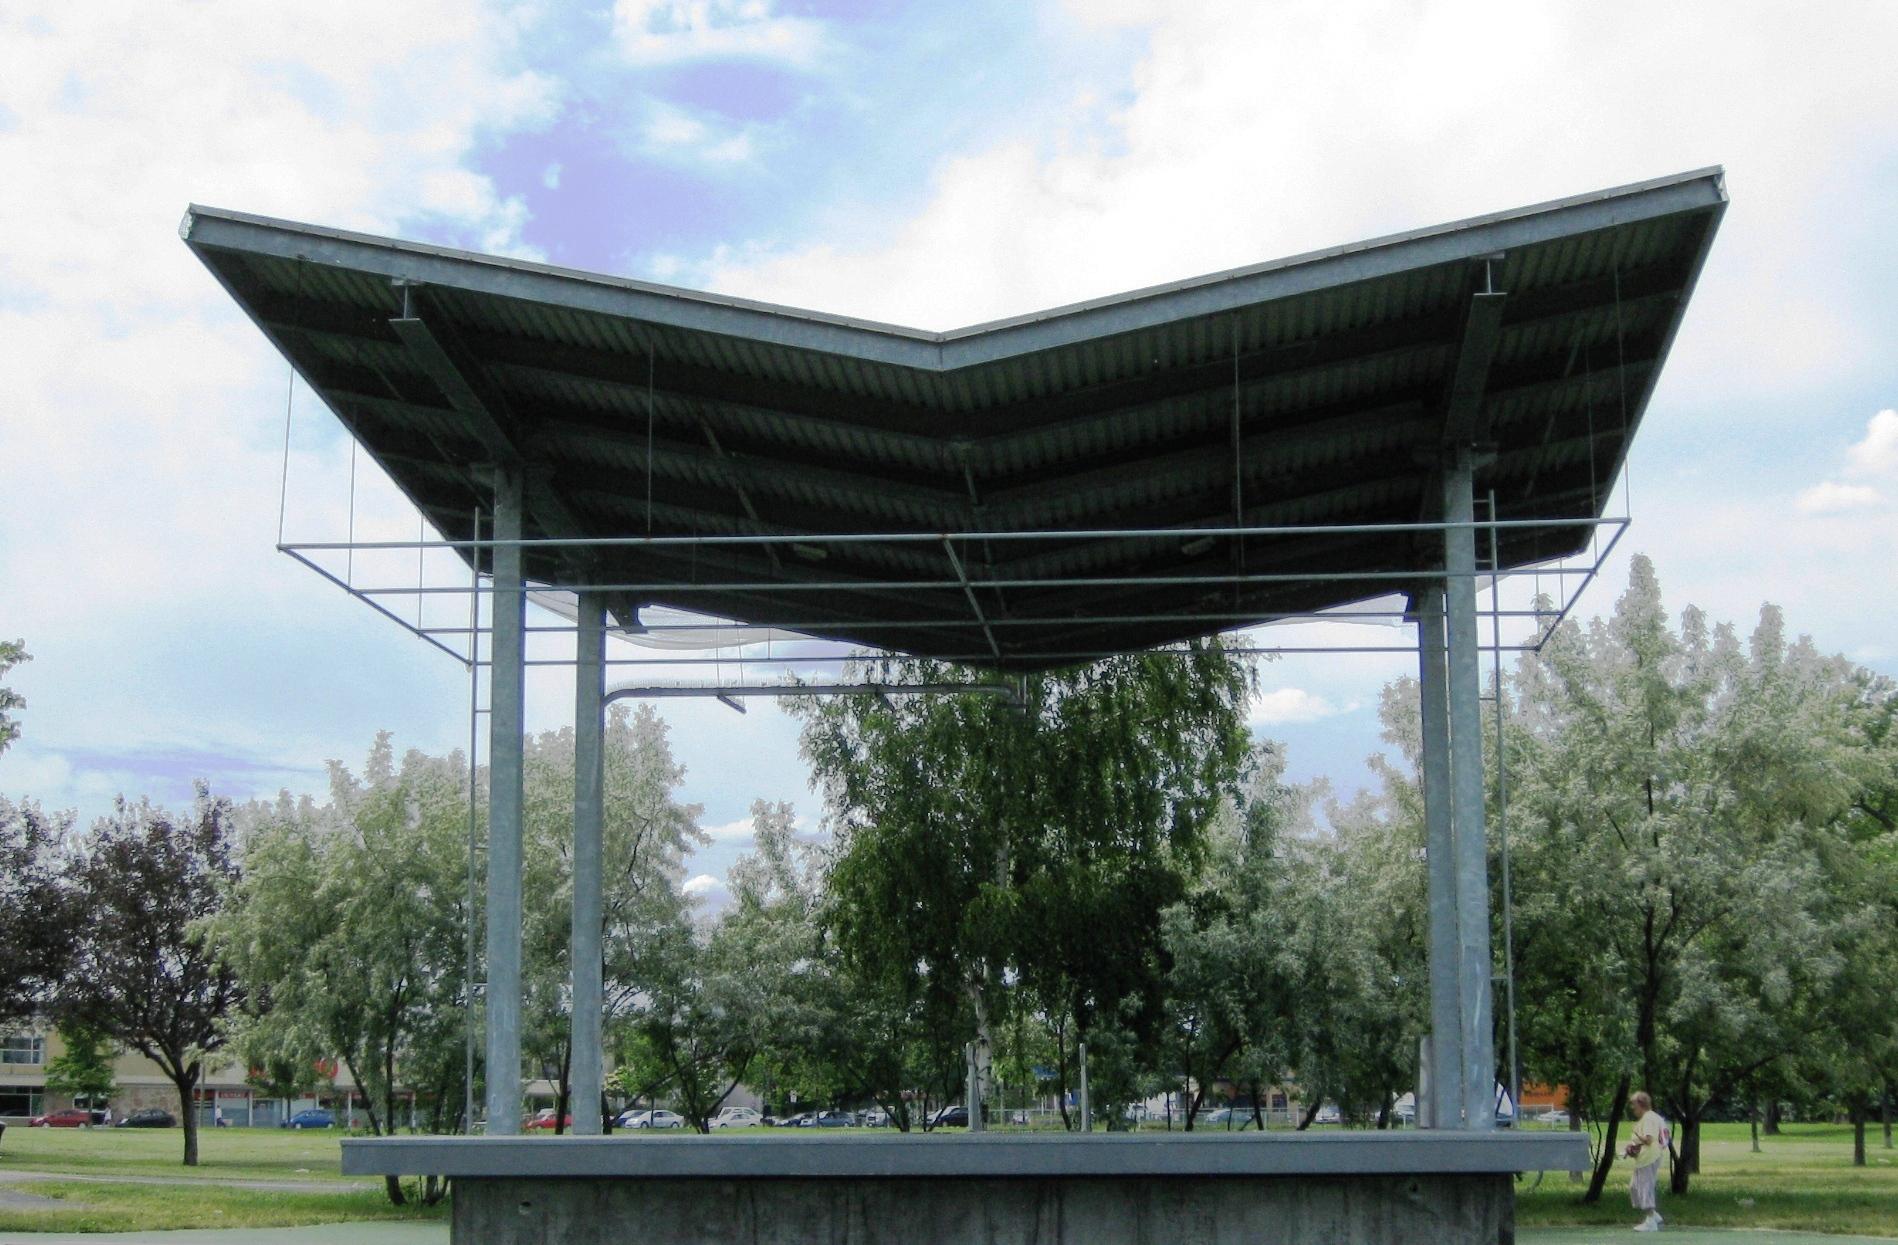 Scène extérieure - Plusieurs activités vous sont proposées durant la saison estivale sur cette scène inaugurée en 2001.Pour avoir plus de détail sur notre programmation